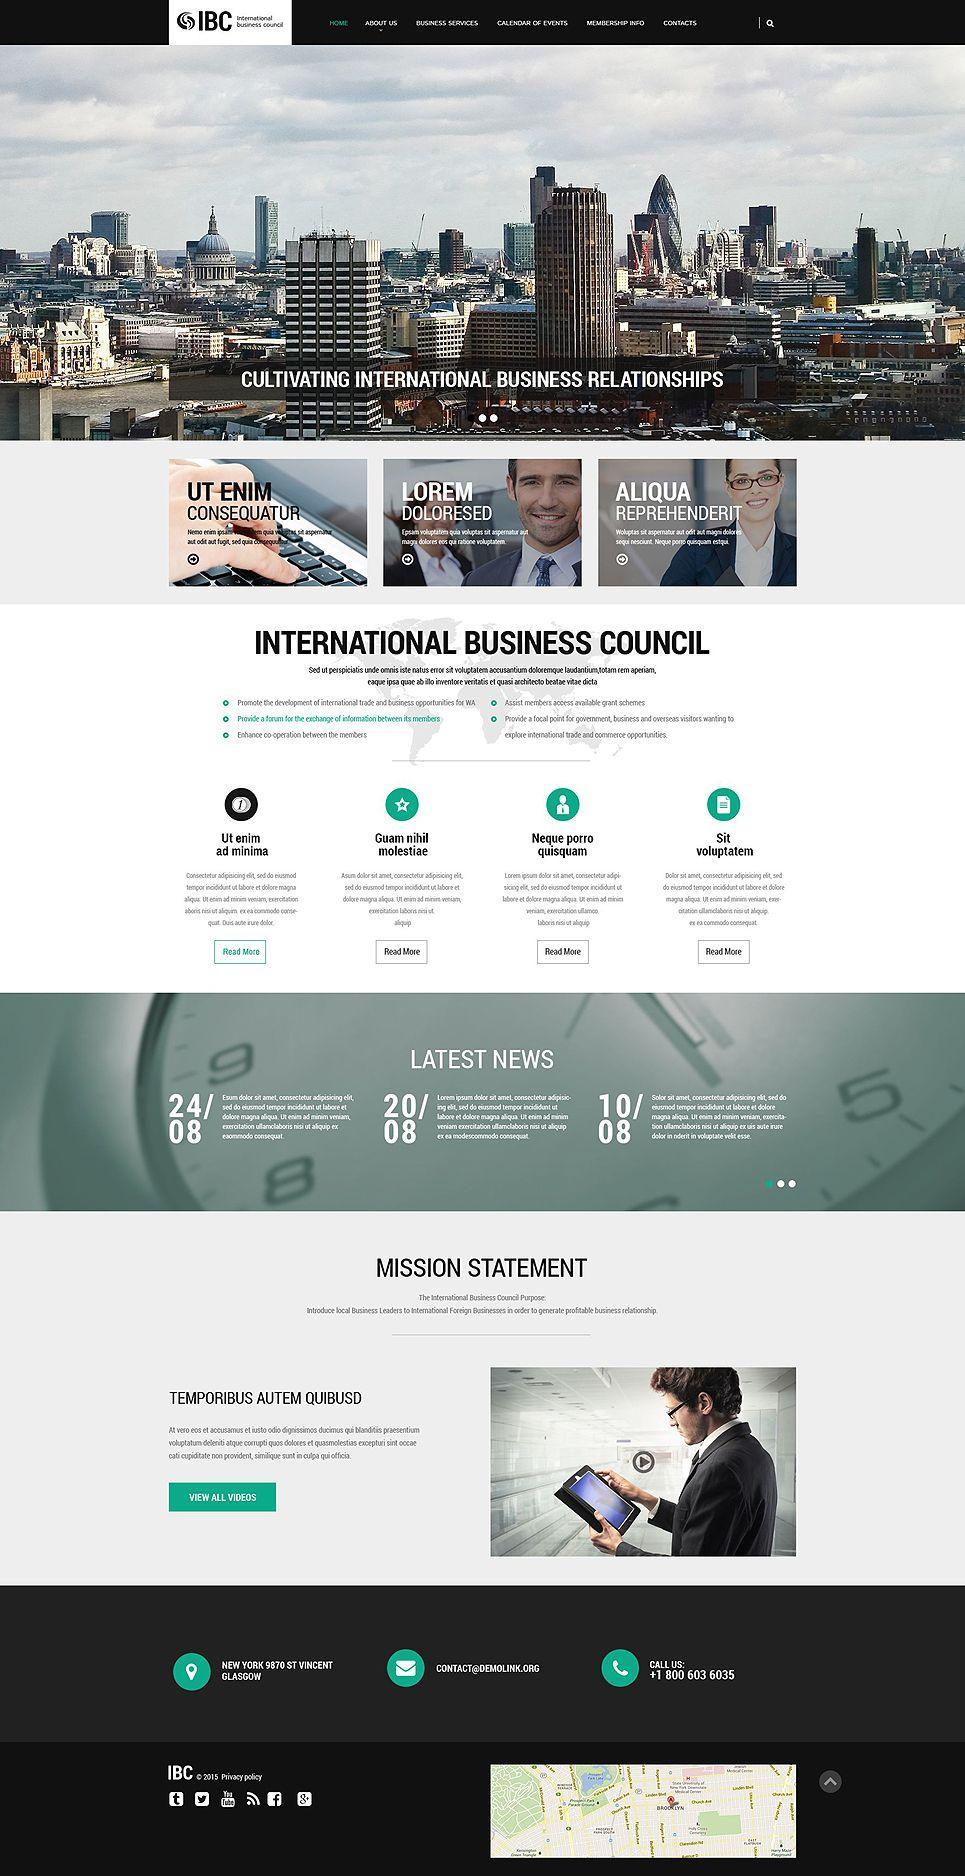 Corporate Website Template 54570 Business Web Design Website Design Layout Business Website Design